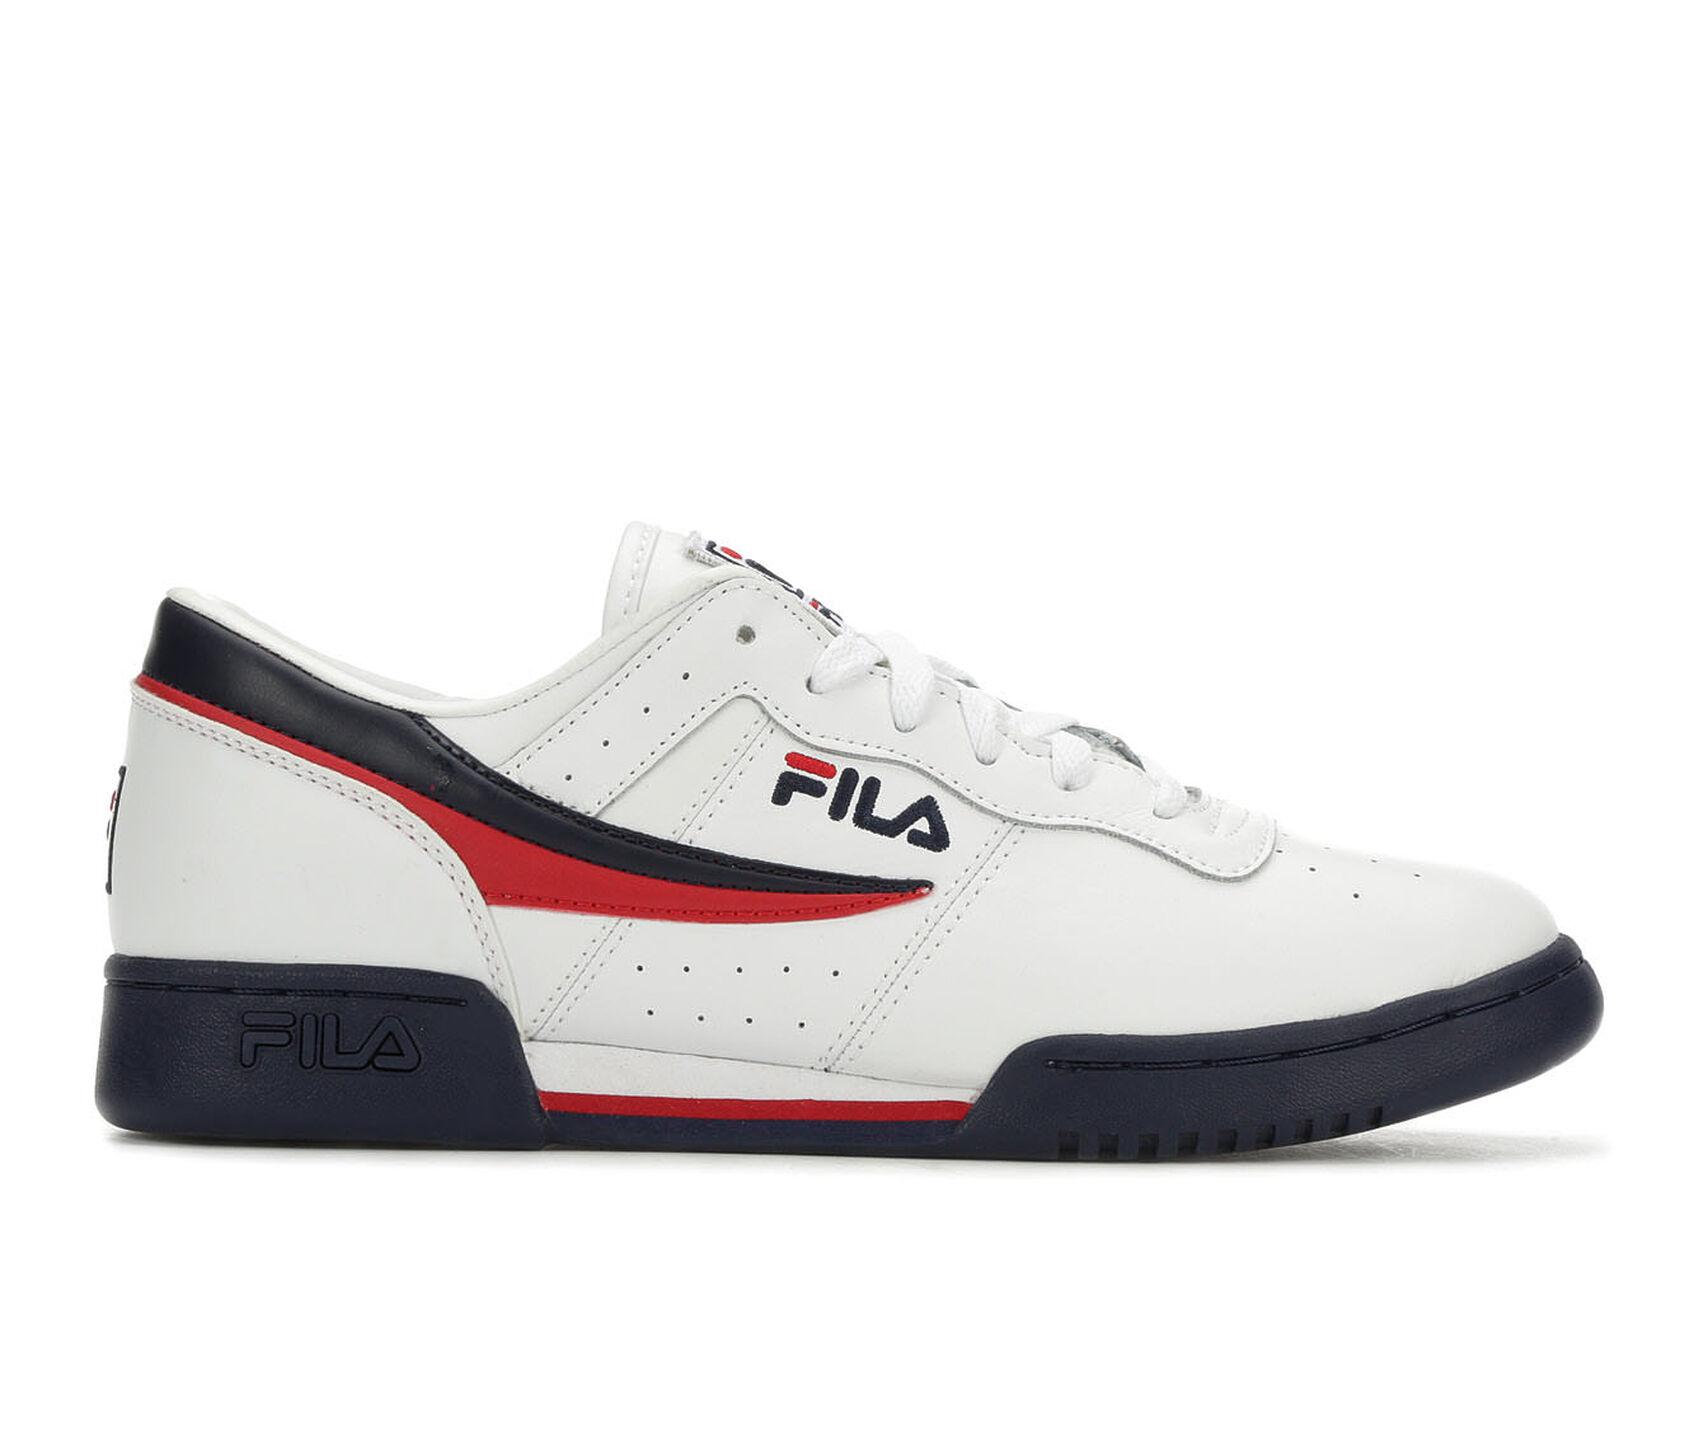 ca7d23333699 ... Fila Original Fitness Retro Sneakers. Previous